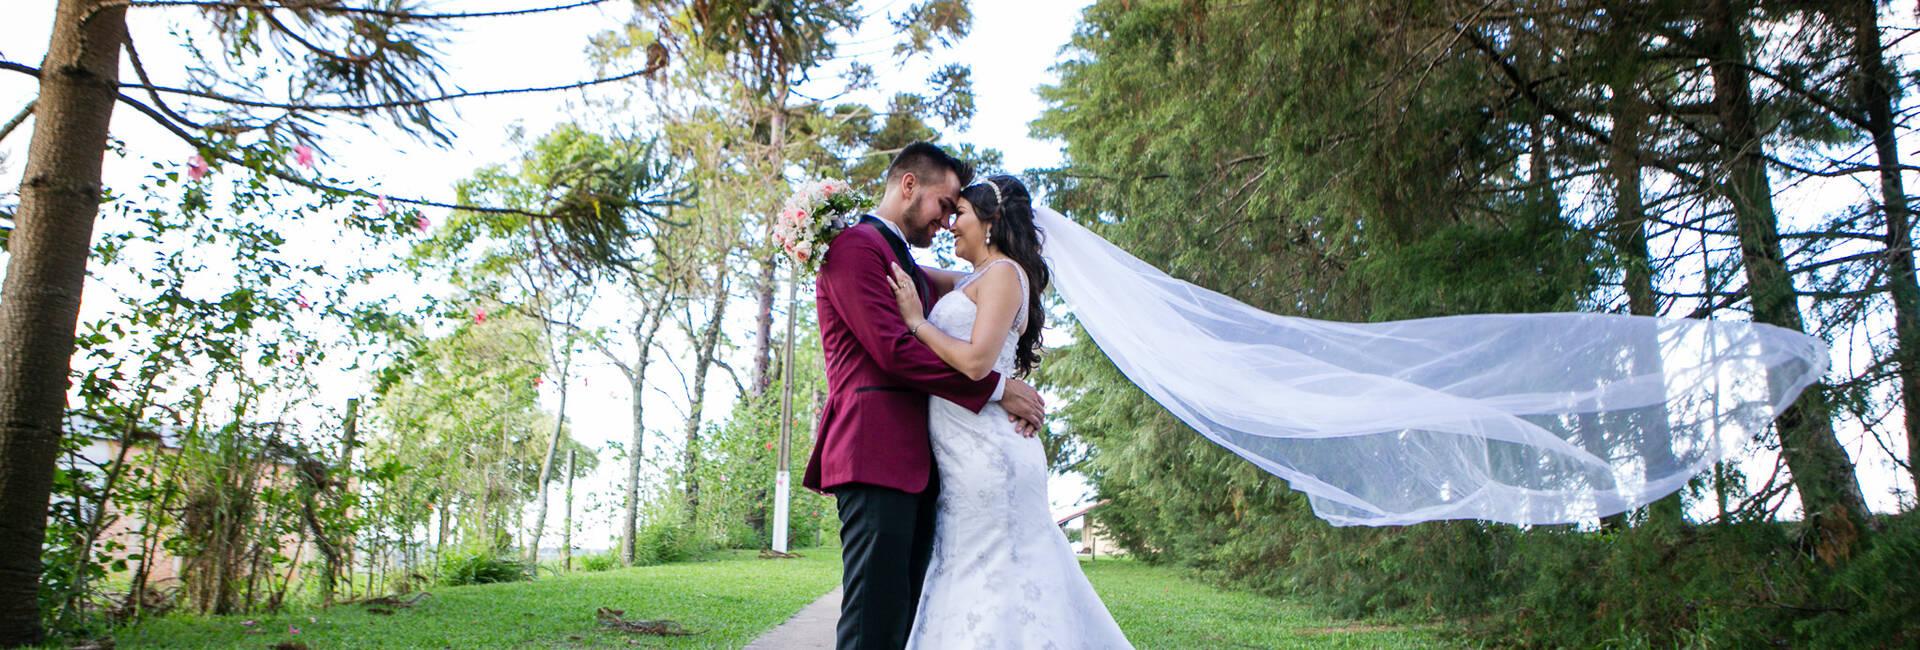 Casamento de David e Alciely